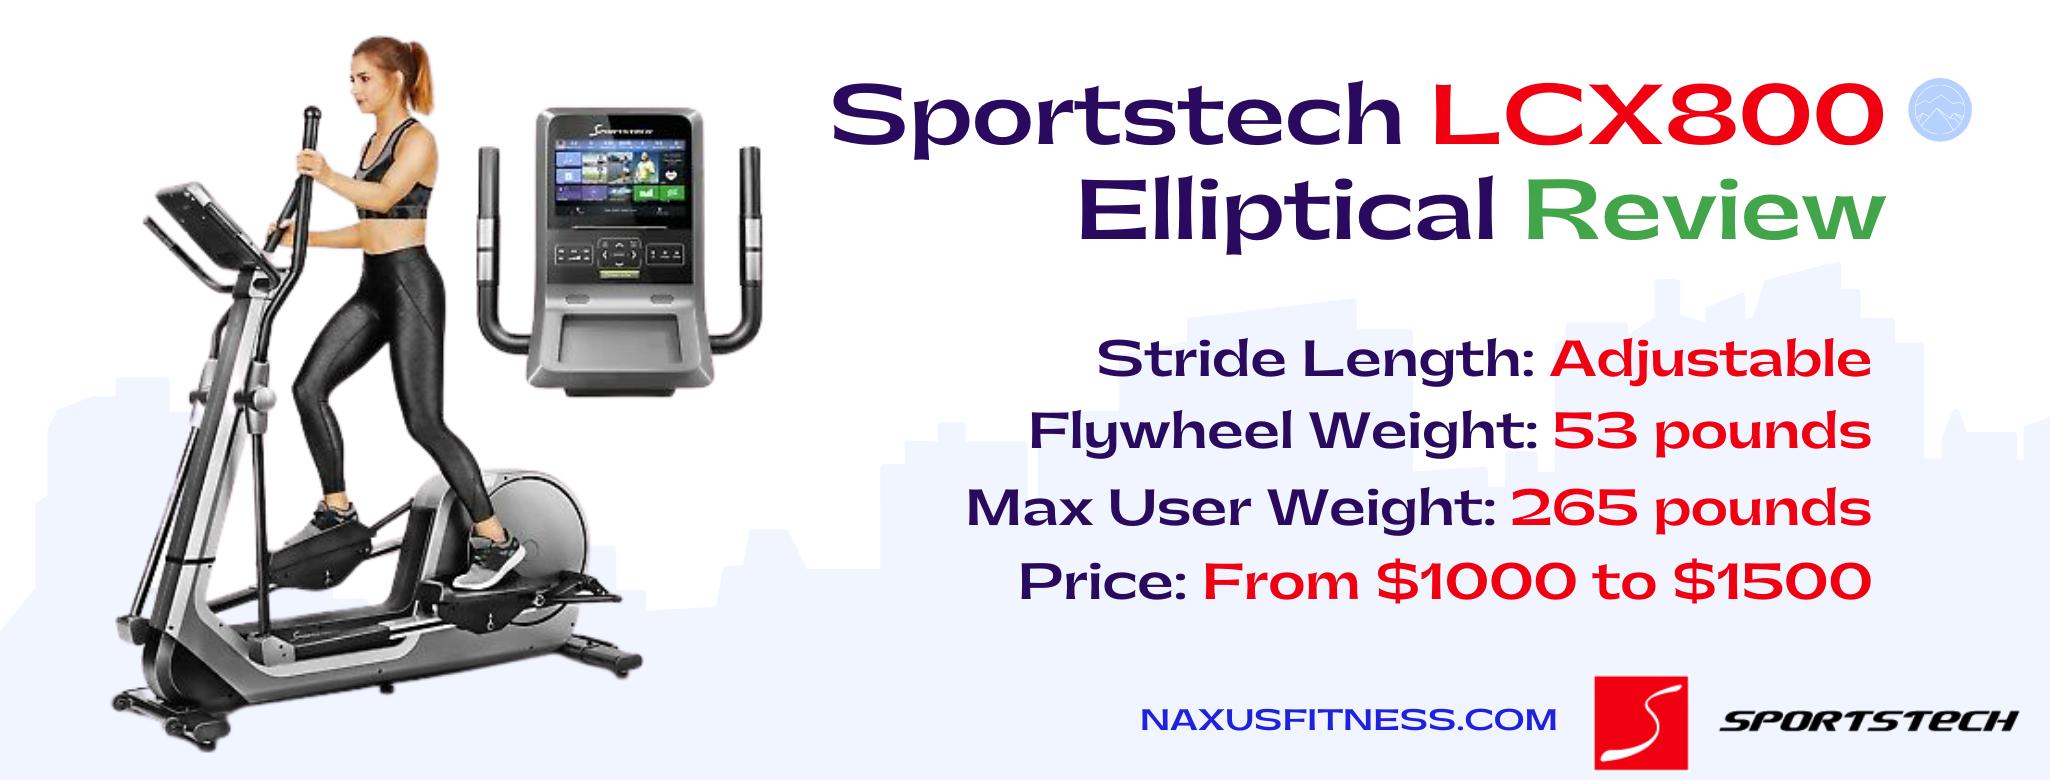 Sportstech LCX800 Elliptical Features